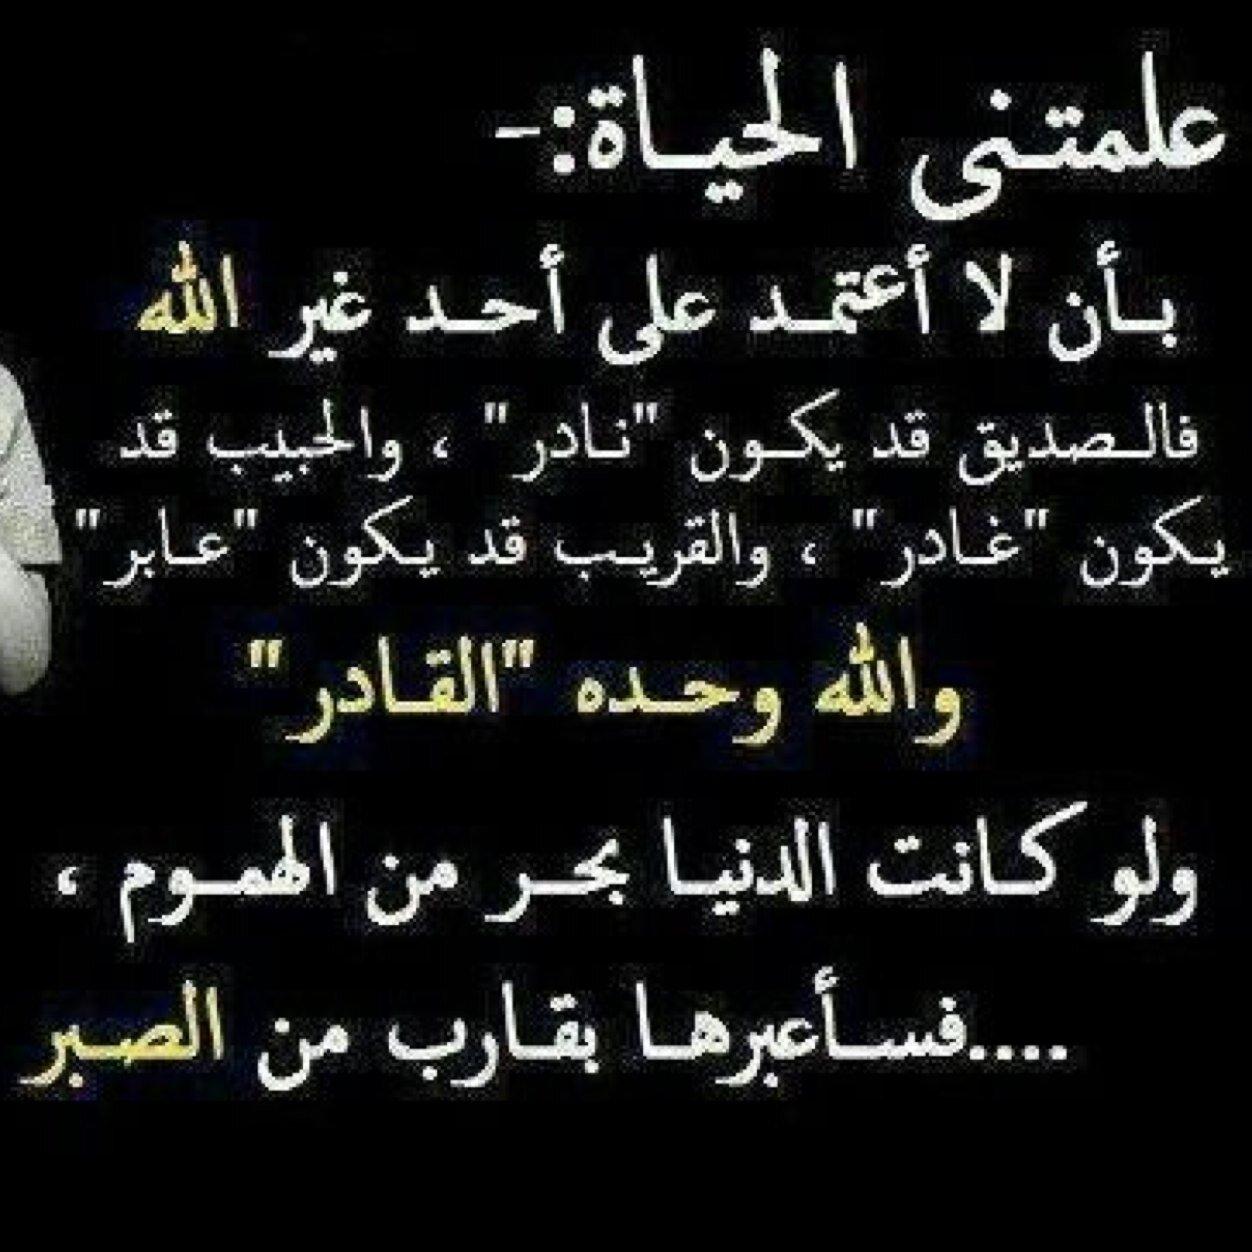 بالصور قصايد روعه , اجمل قصيدة معبرة عن الحياة